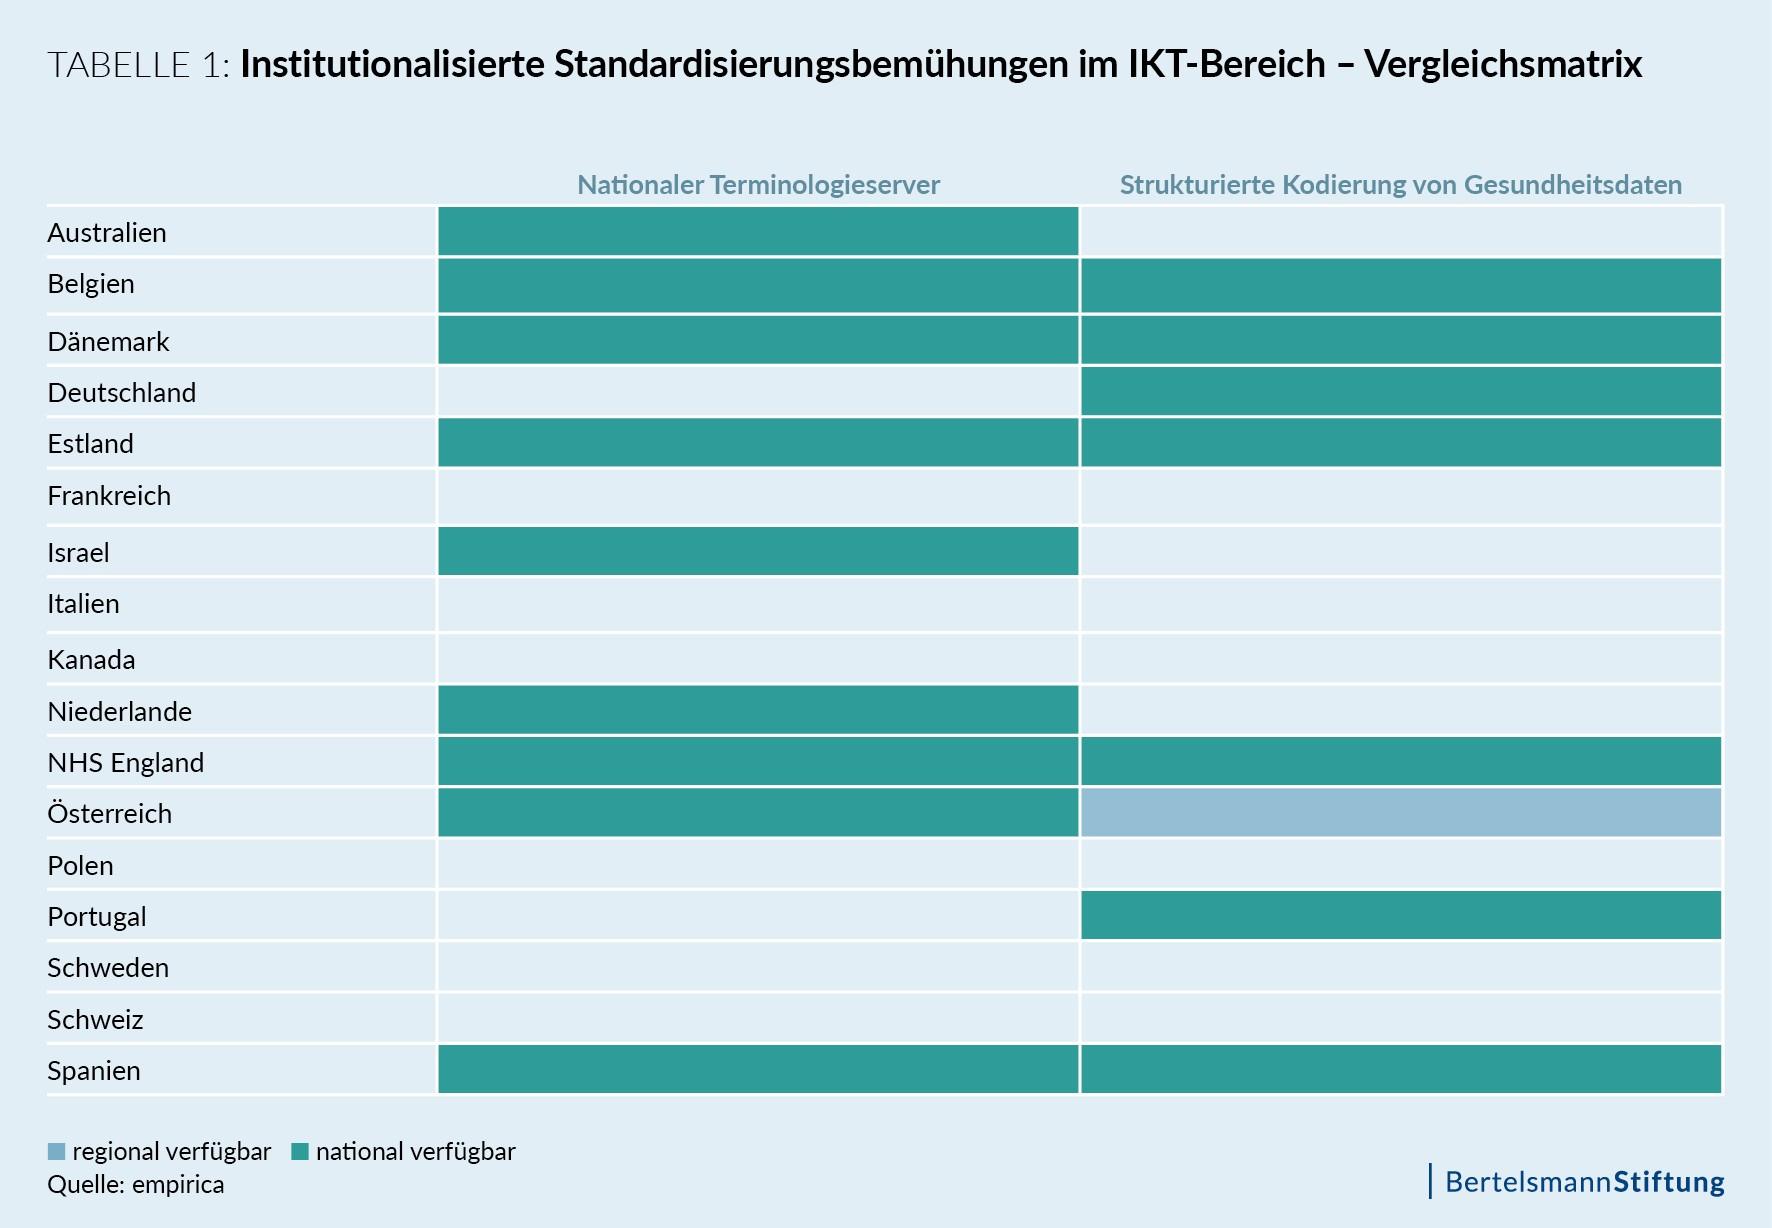 Institutionalisierte Standardisierungsbemühungen im IKT-Bereich - Vergleichsmatrix